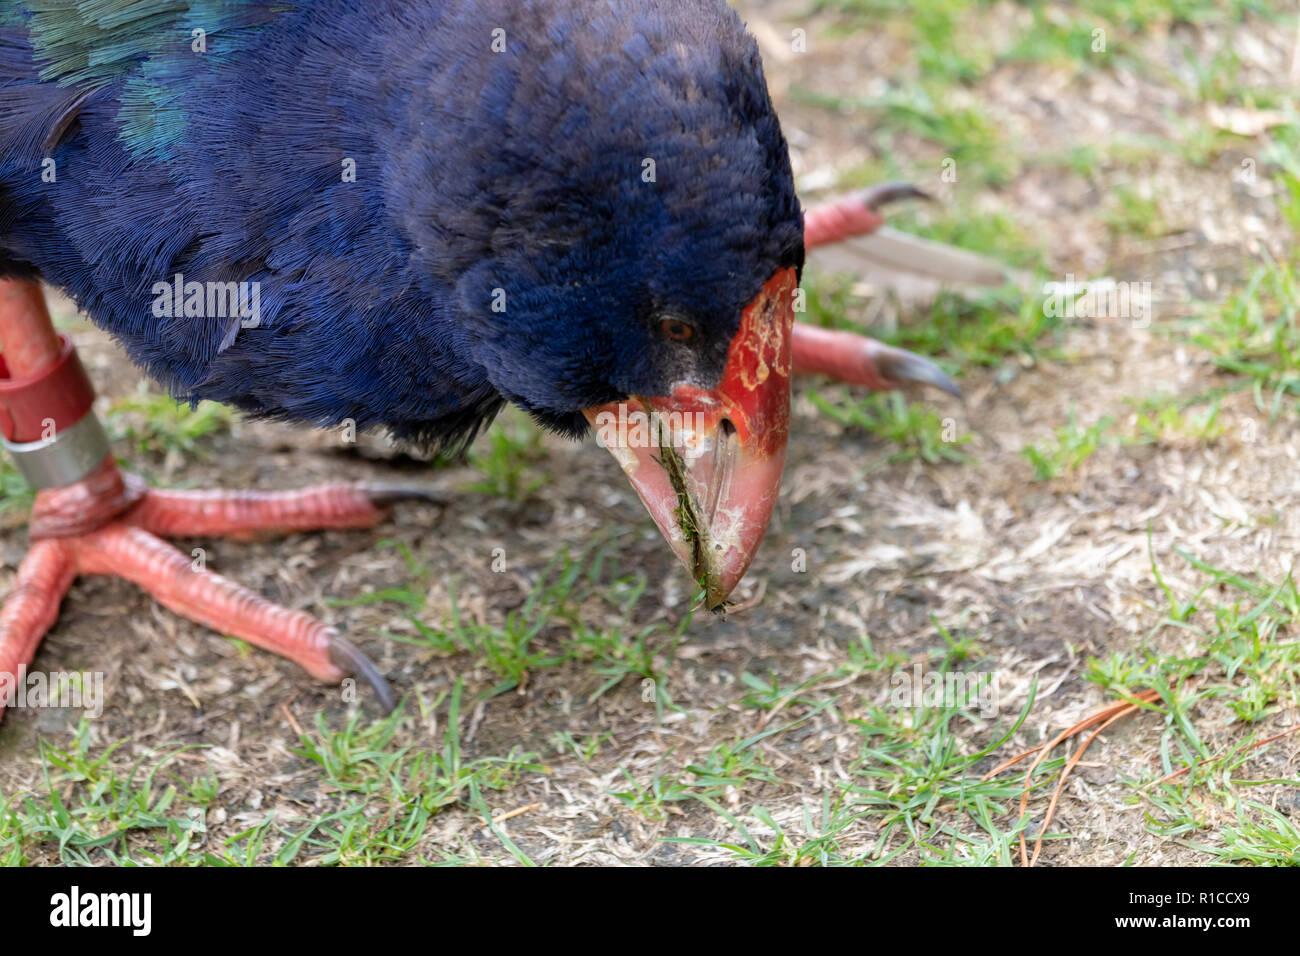 c55985993 South Island Takahē (Porphyrio hochstetteri) head bill close up. Takahe is a  native